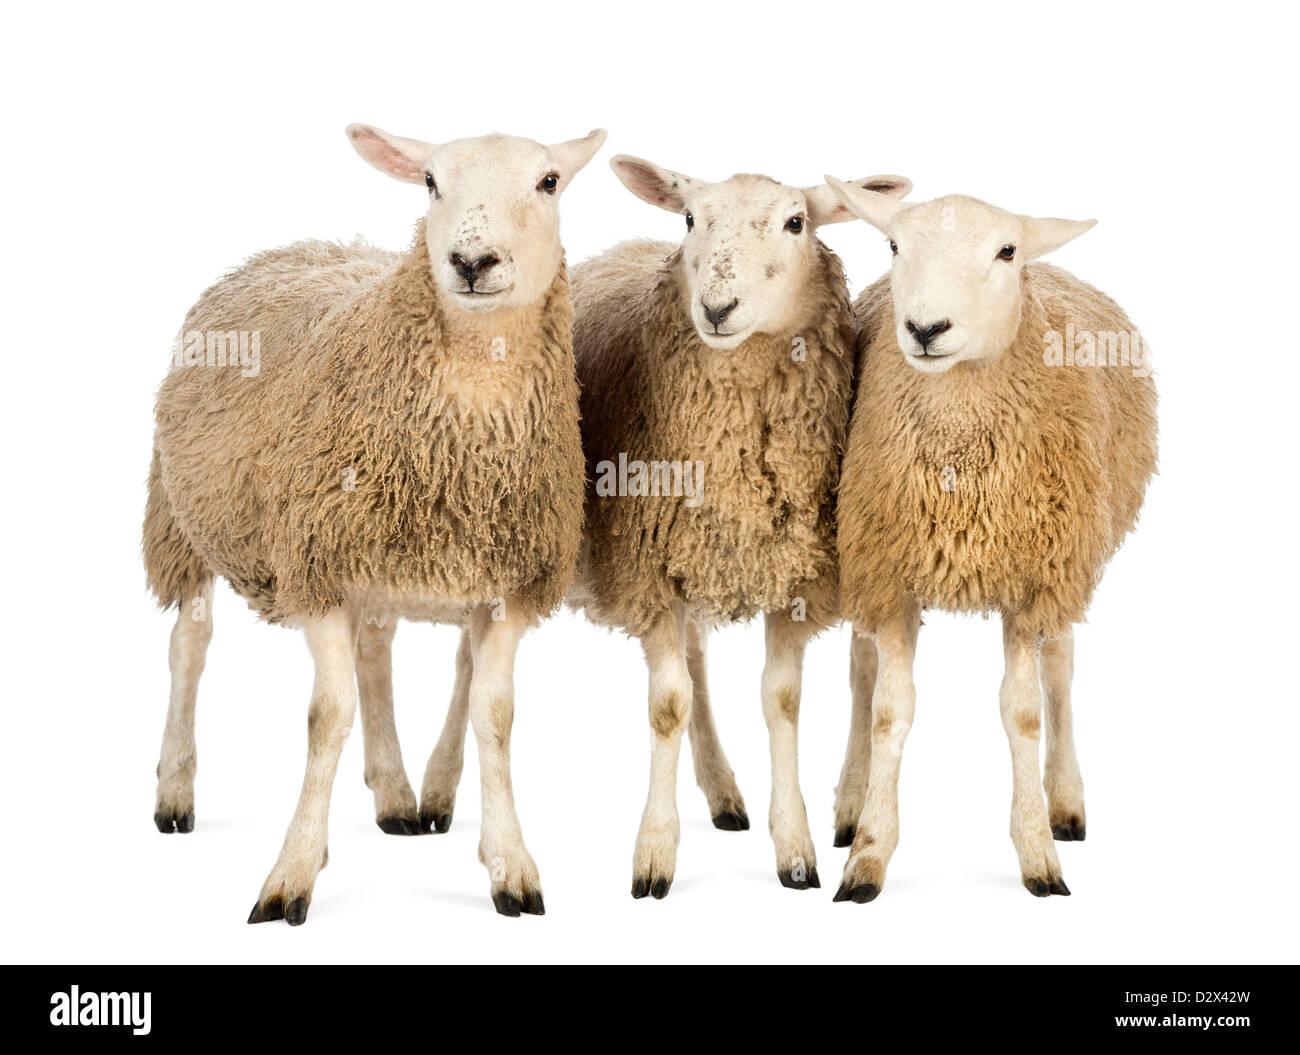 Tres ovejas de pie delante de un fondo blanco Imagen De Stock